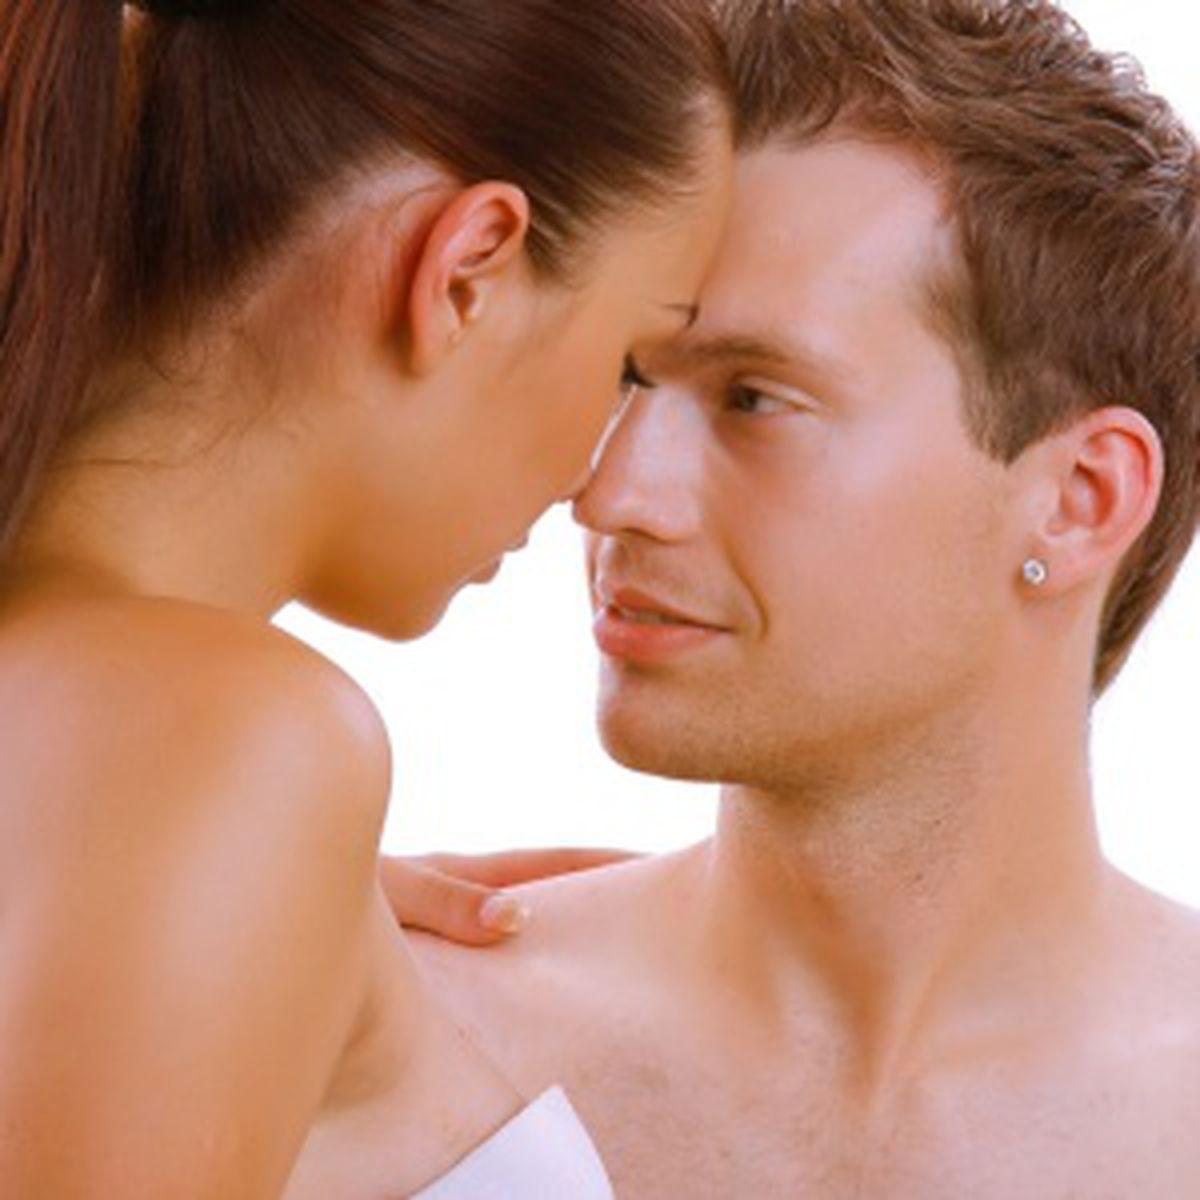 Inflamatiile si nodulii din zona testiculelor